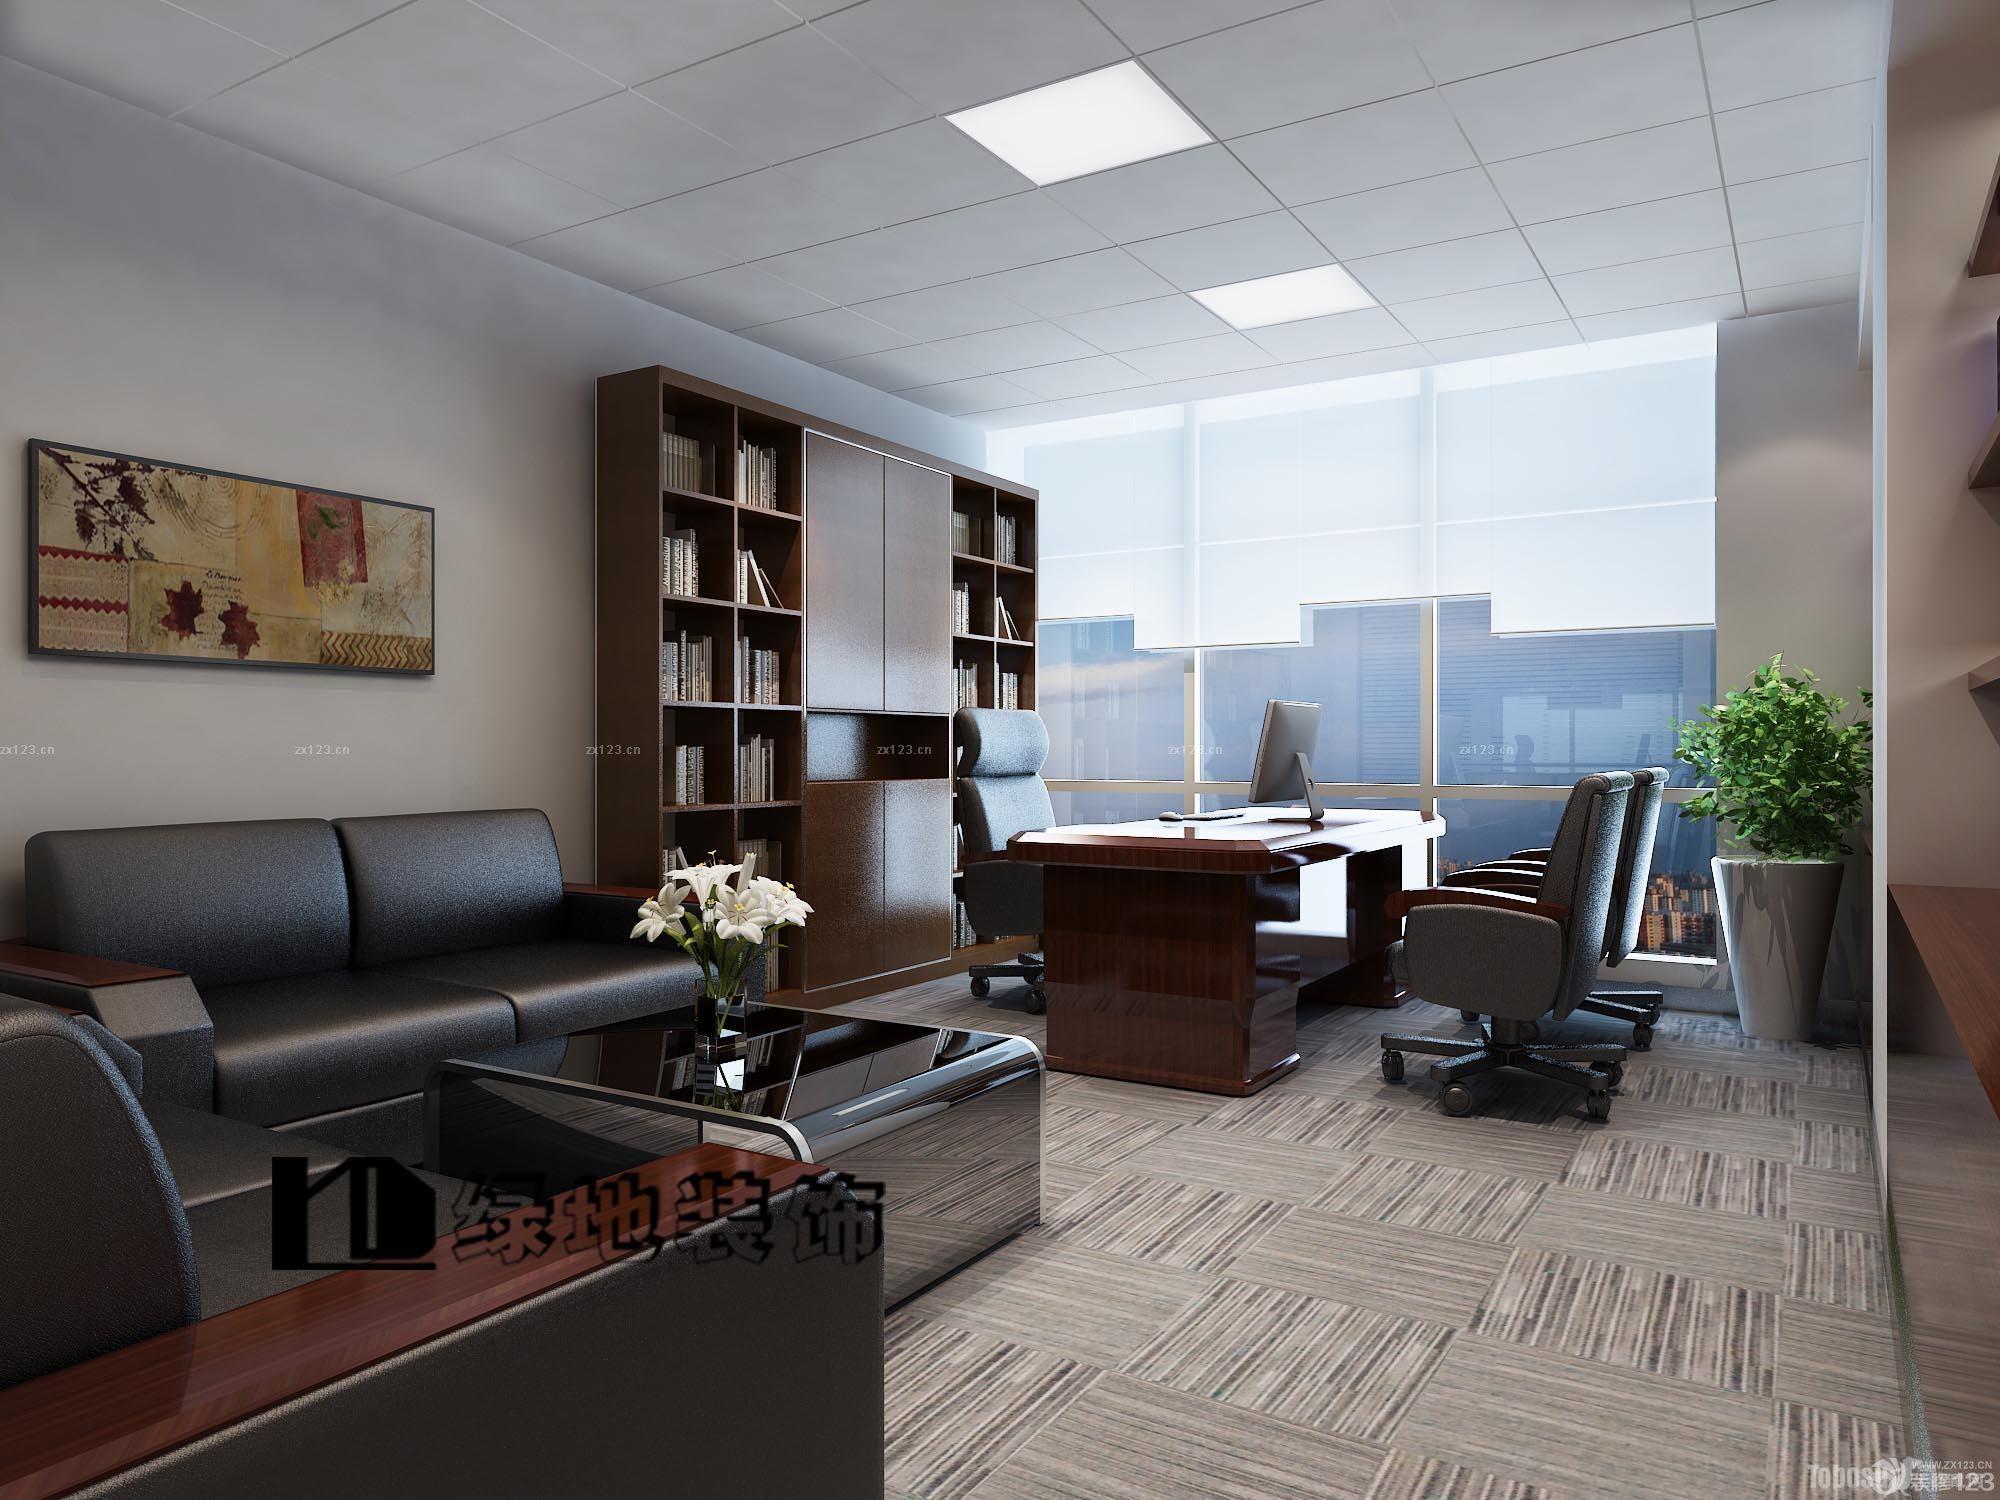 80平米办公室铝扣板集成吊顶装修效果图